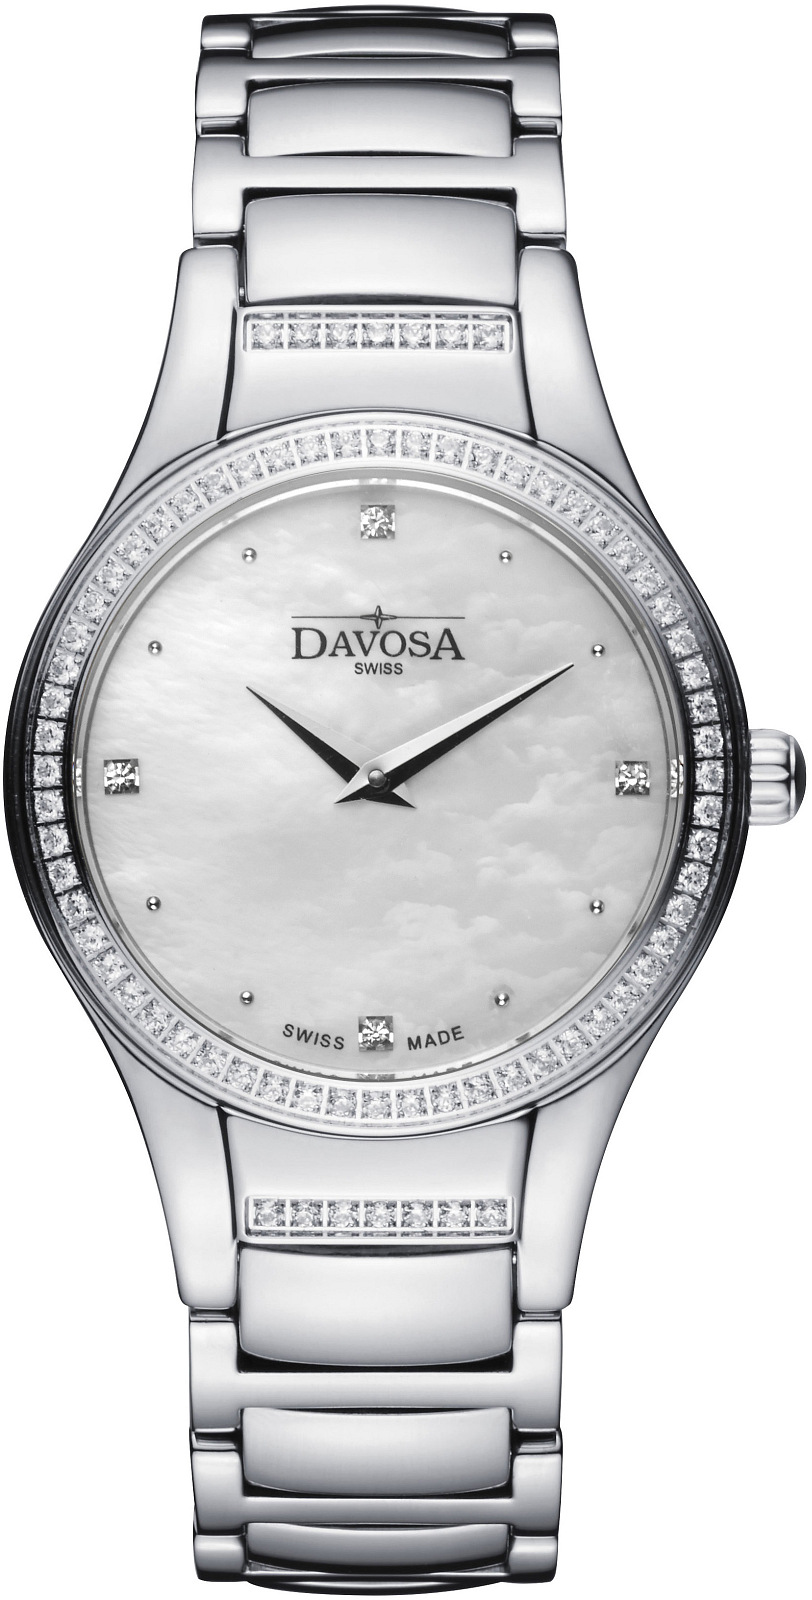 zegarek-damski-davosa-lunastar-168-573-15-2